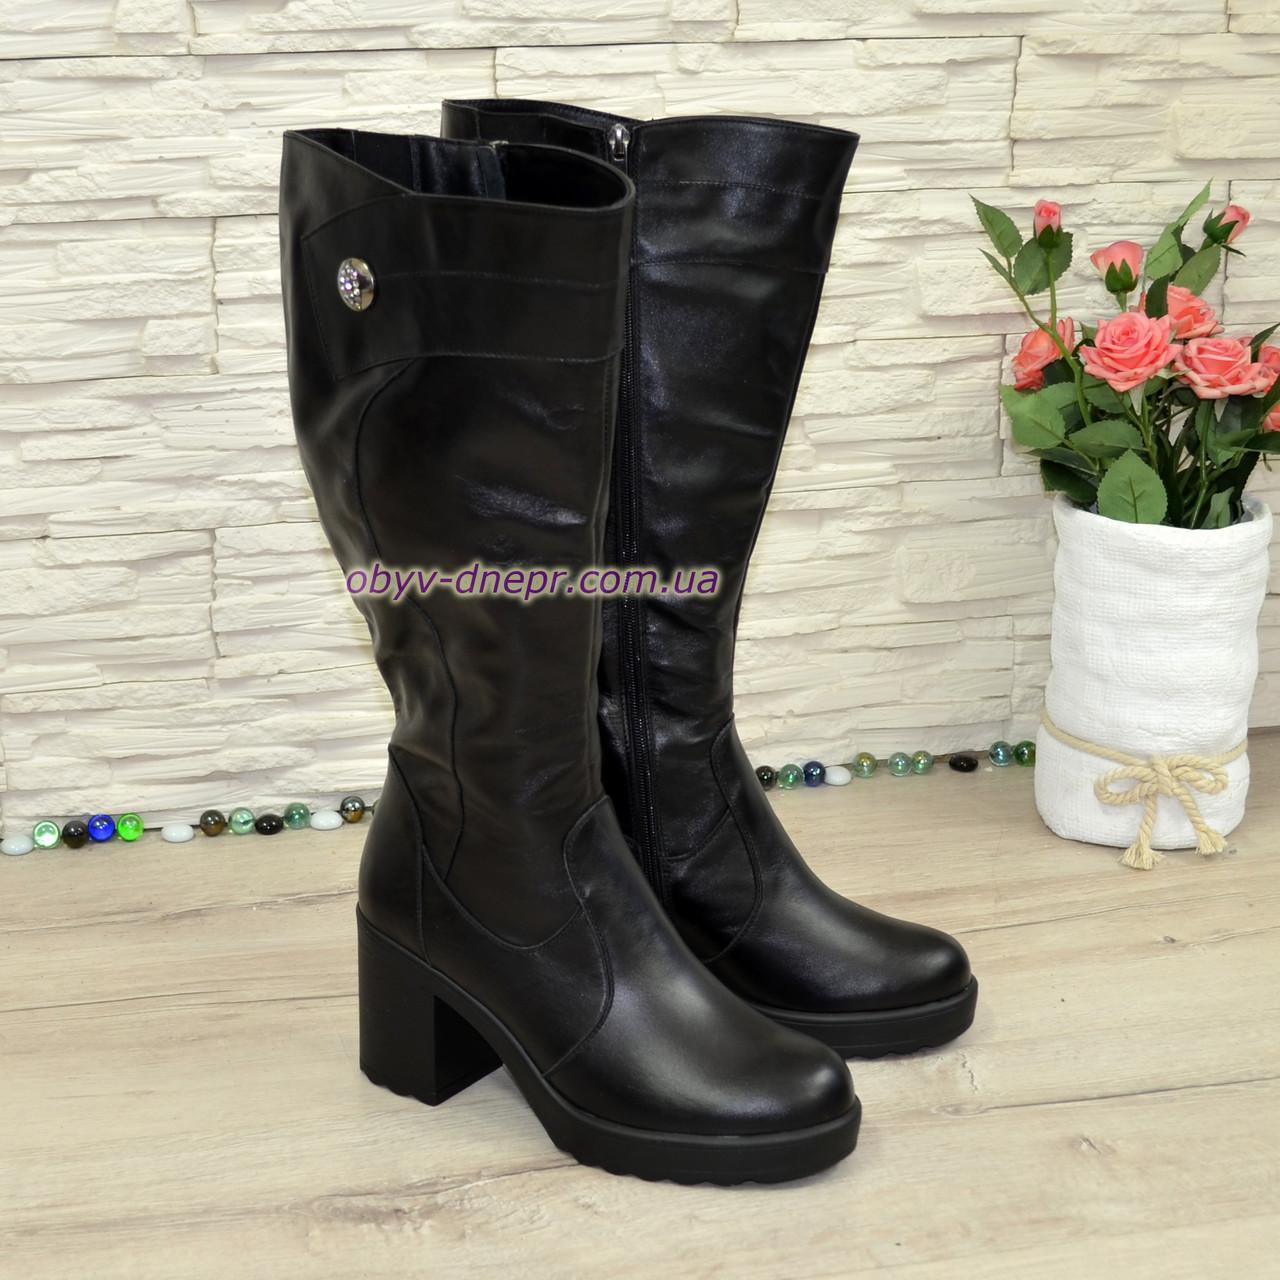 188e1f69bb6c Женские зимние кожаные сапоги на высоком устойчивом каблуке, декорированы  ...